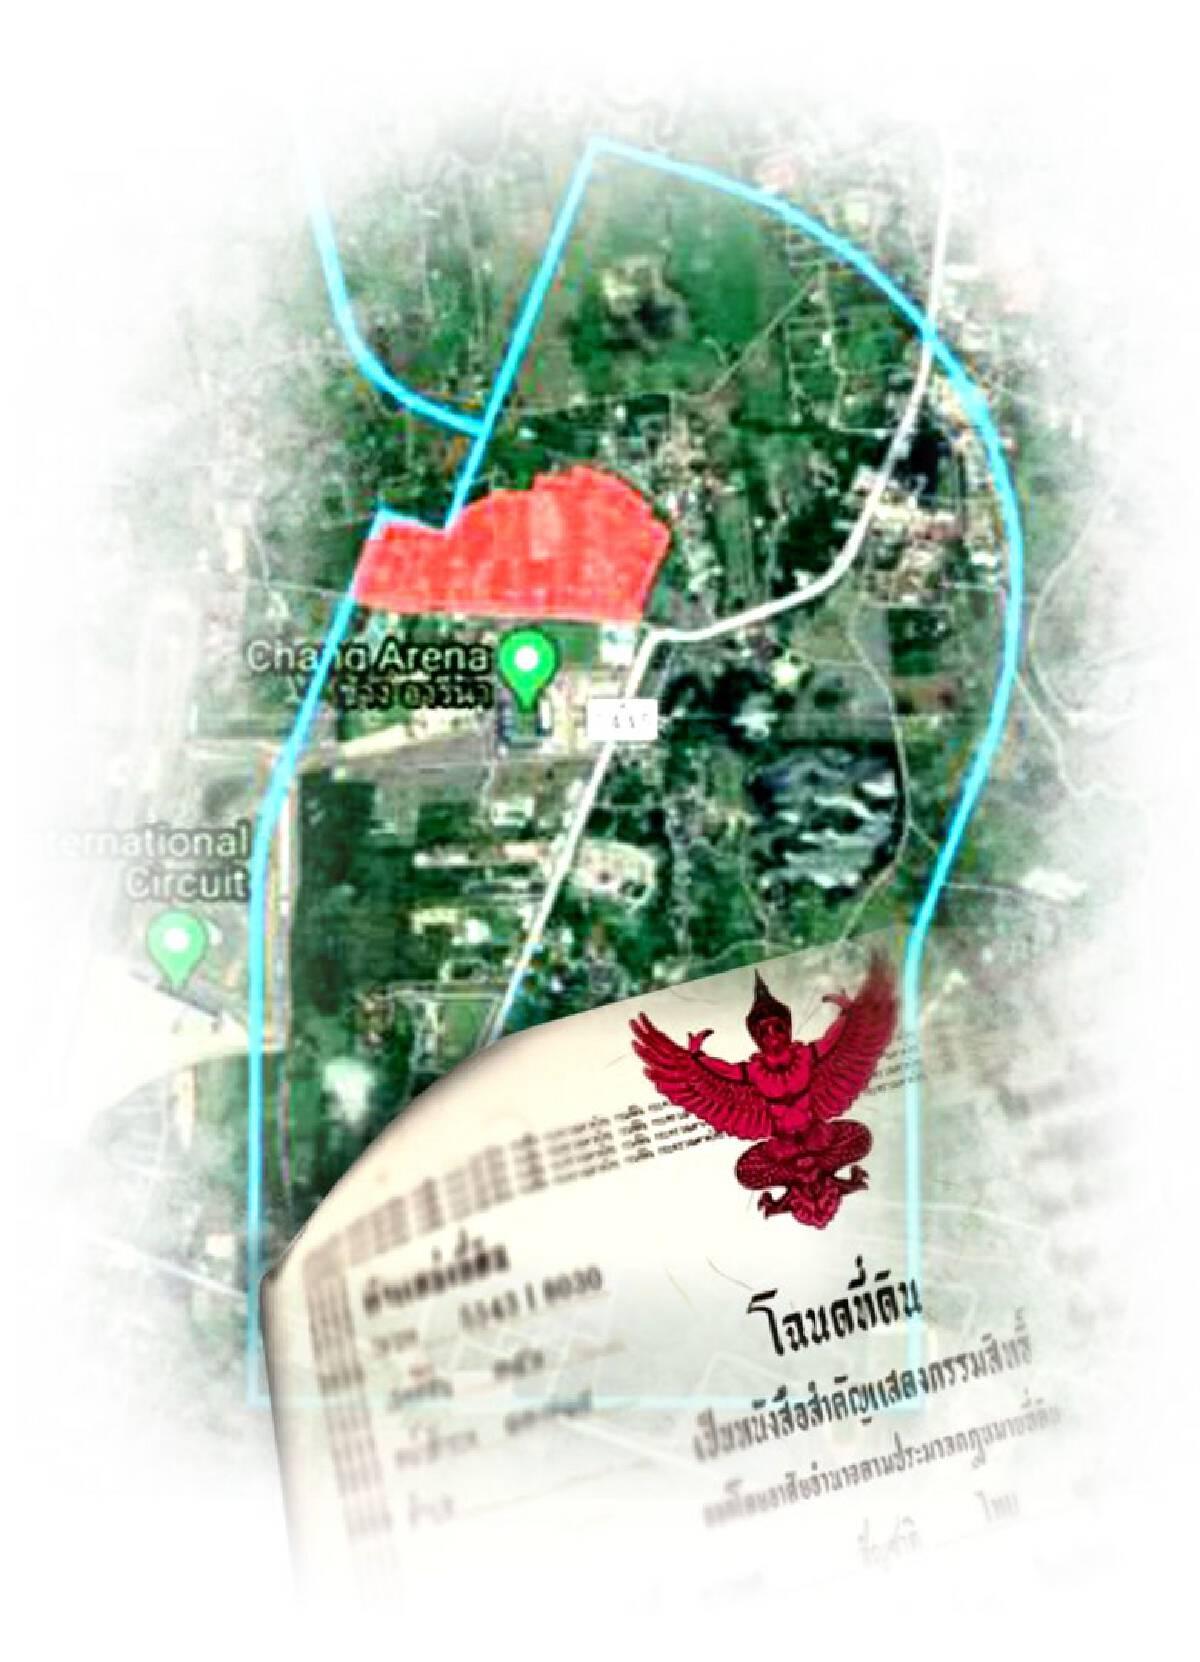 รฟท.เปิดข้อพิพาท  'ที่ดินเขากระโดง'  ประชาชนโผล่ฟ้อง 35 ราย